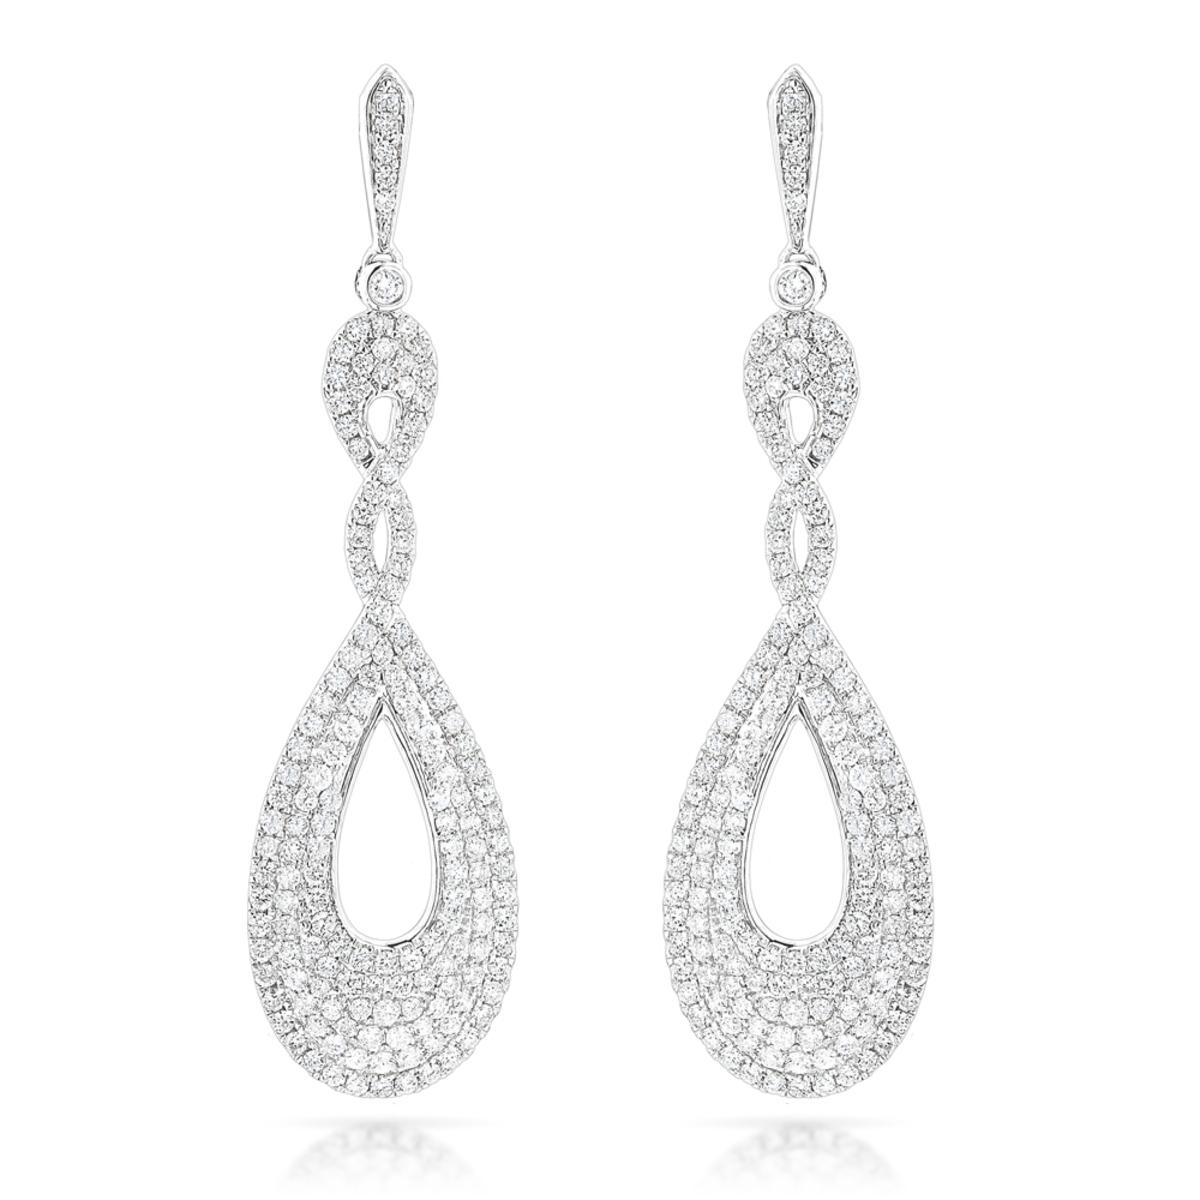 Designer Luxurman Diamond Drop Swirl Earrings for Women 3.5ct in 14k Gold